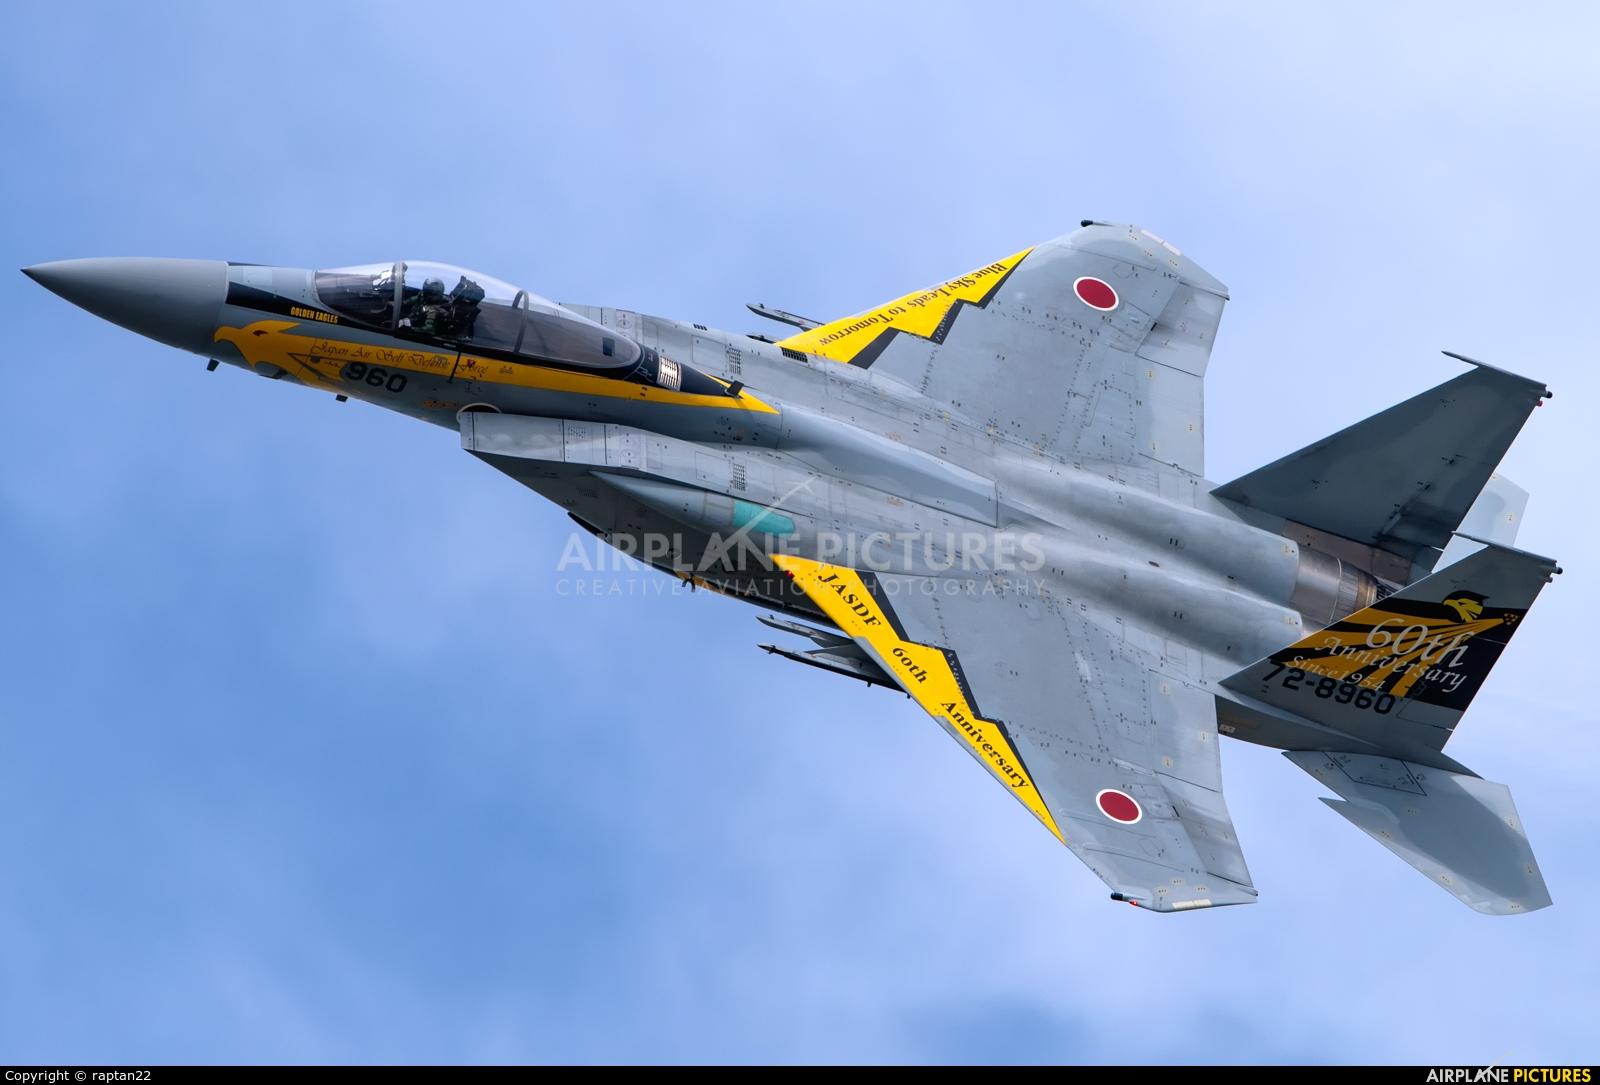 Japan - Air Self Defence Force 72-8960 aircraft at Komatsu